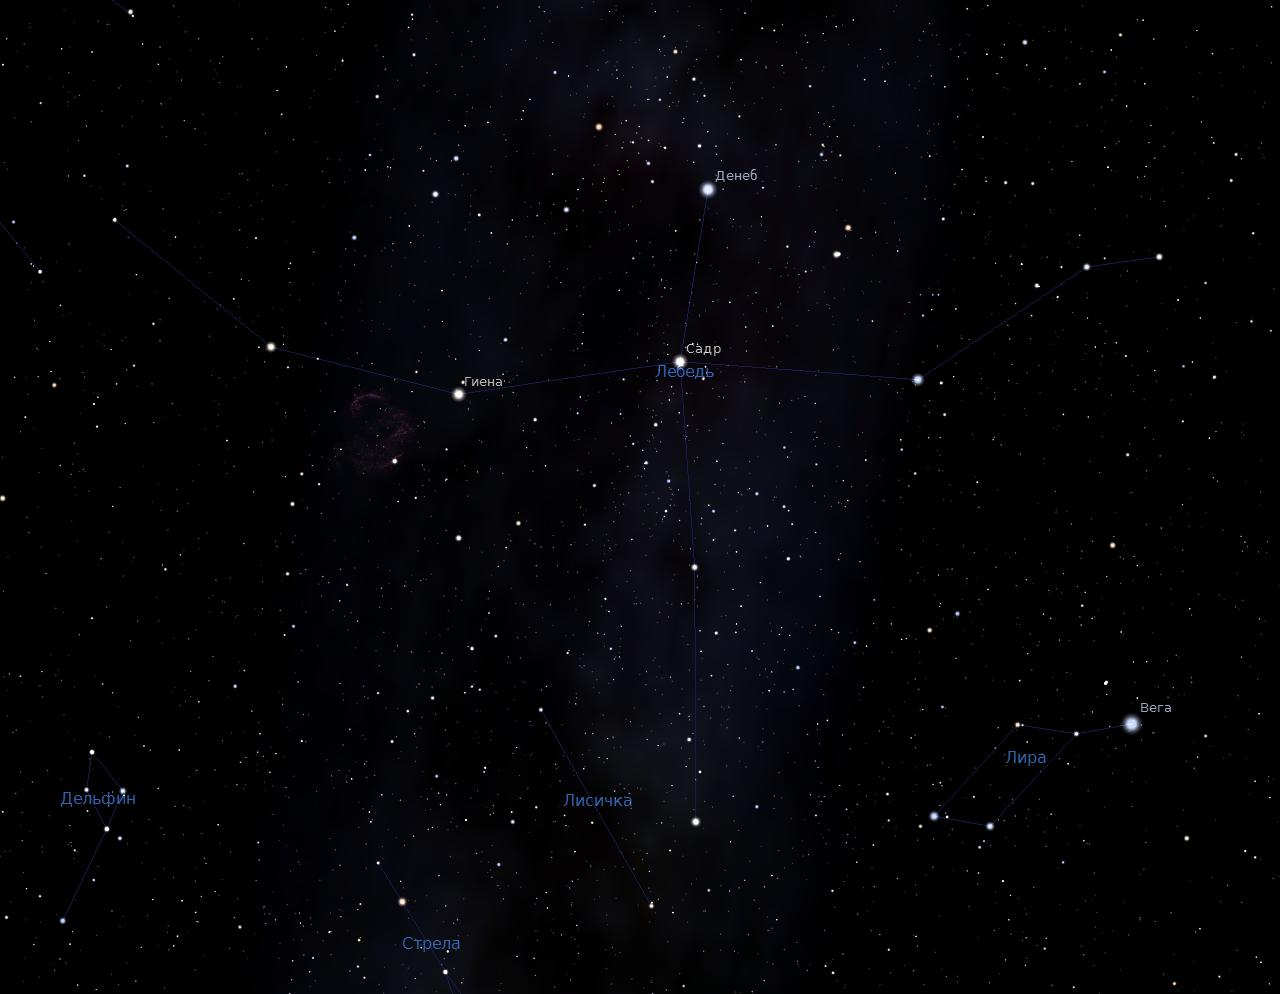 Лебедь - скриншот из программы планетария